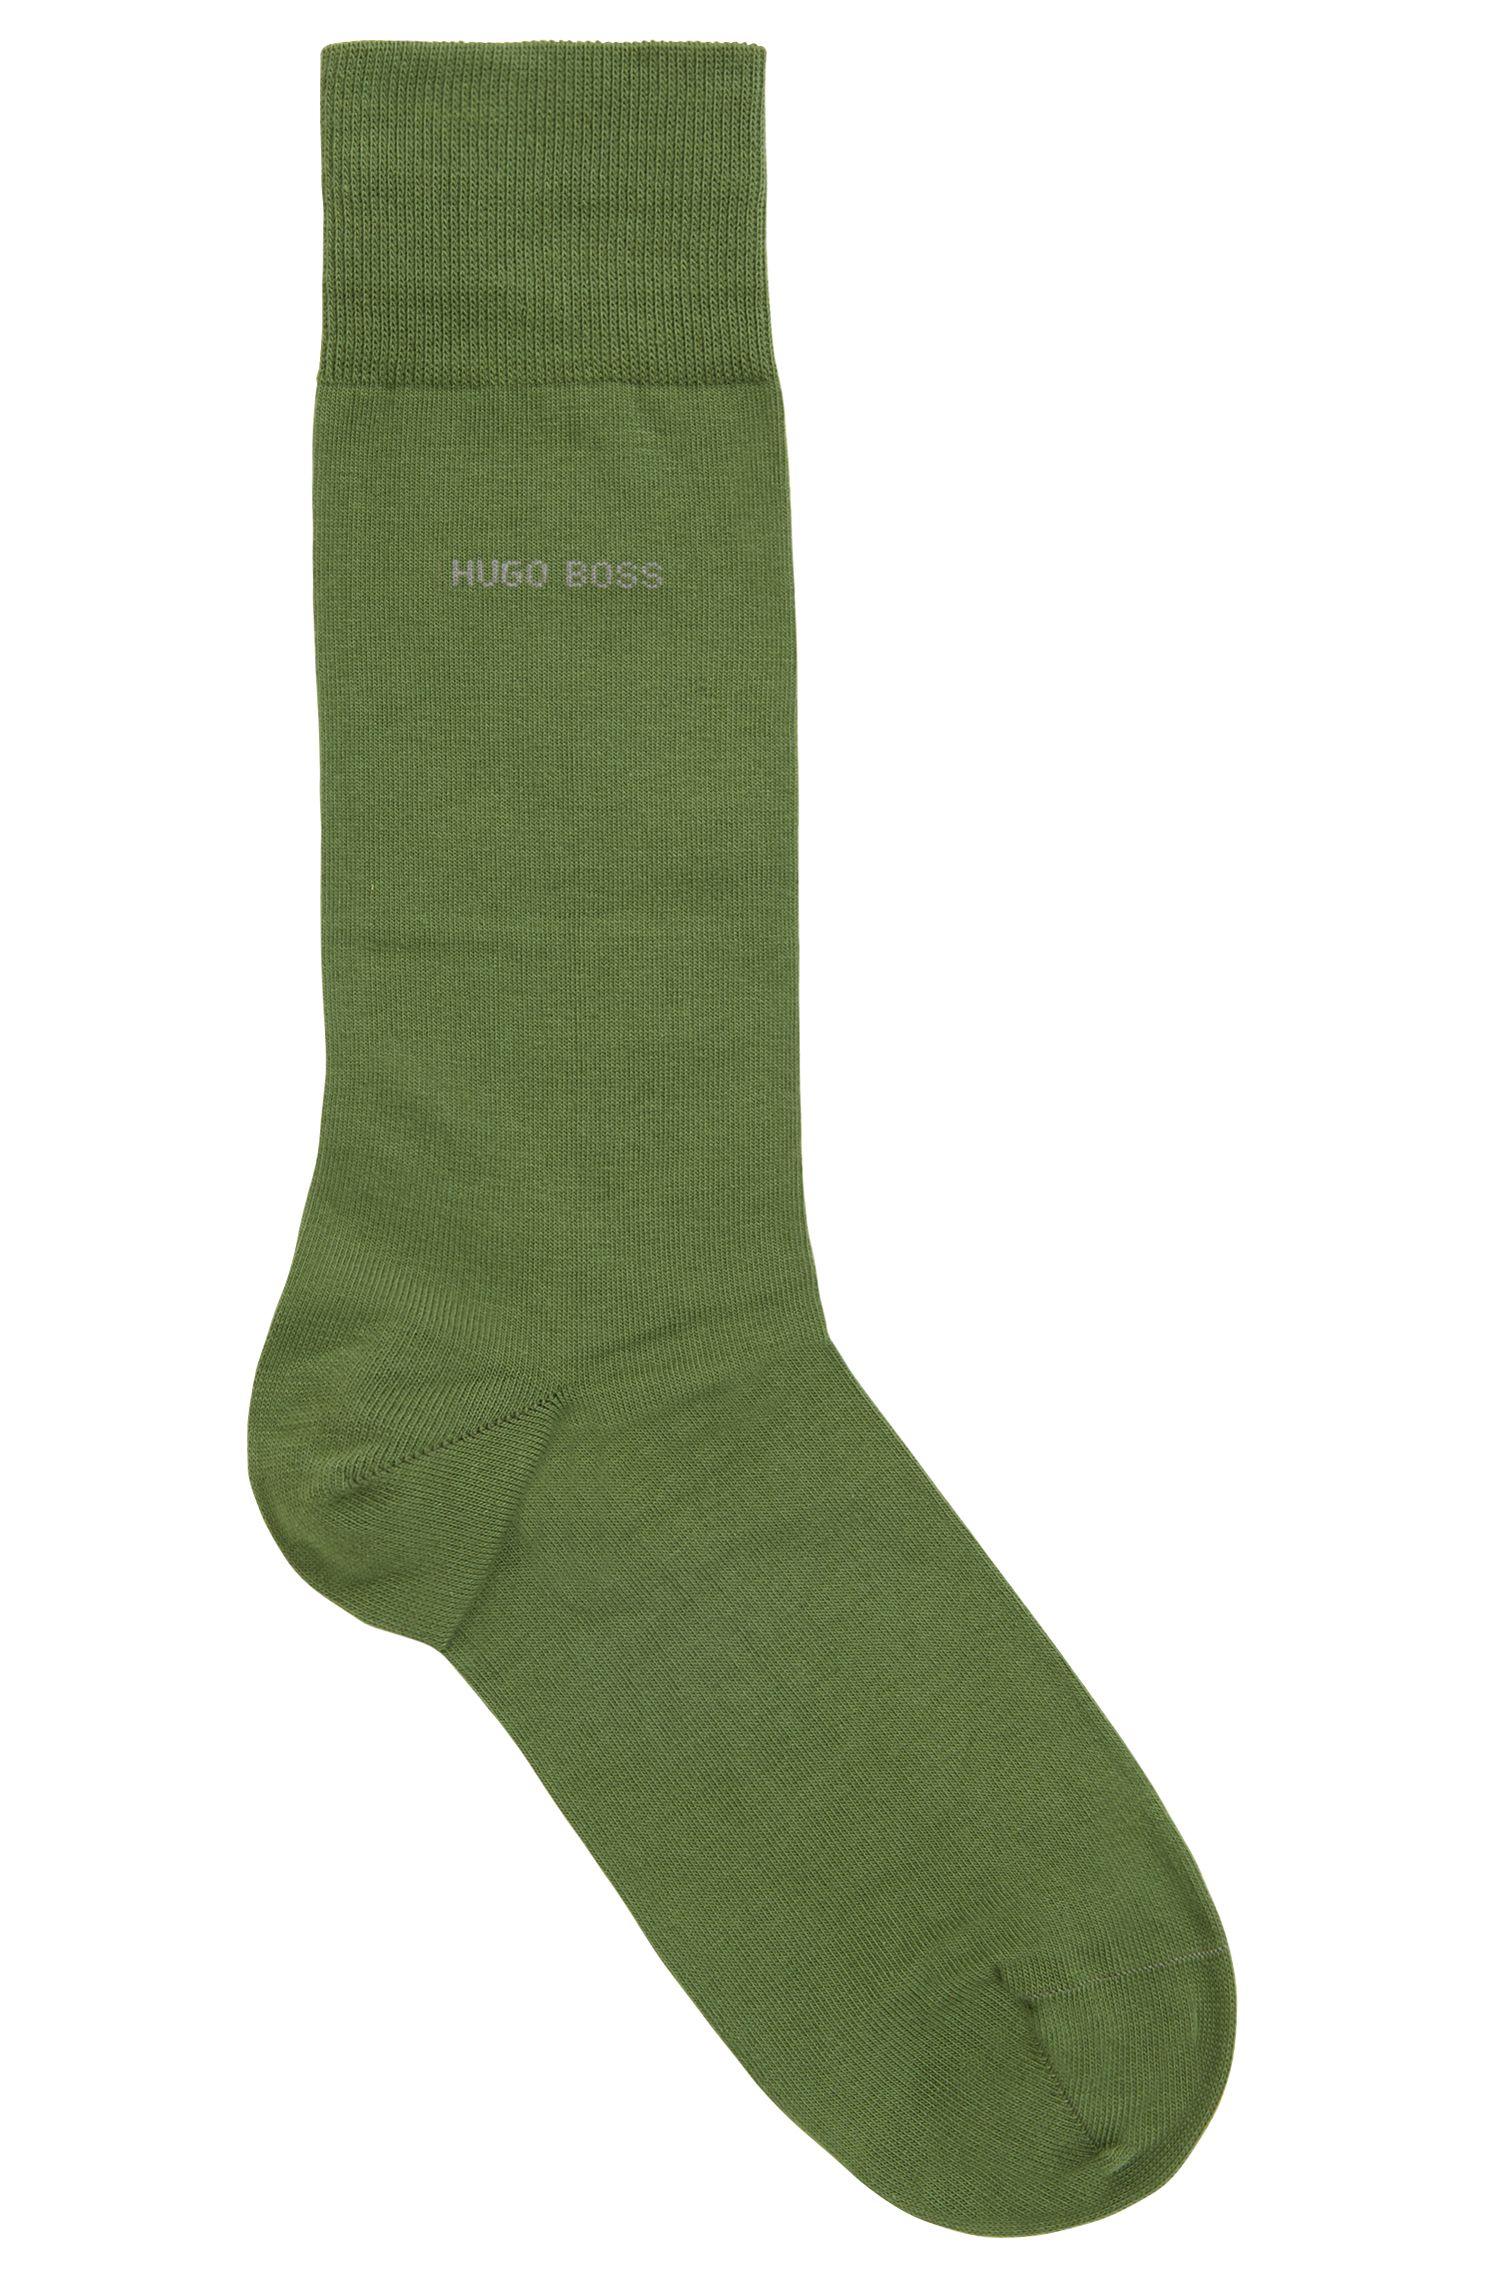 Chaussettes mi-mollet en coton peigné stretch